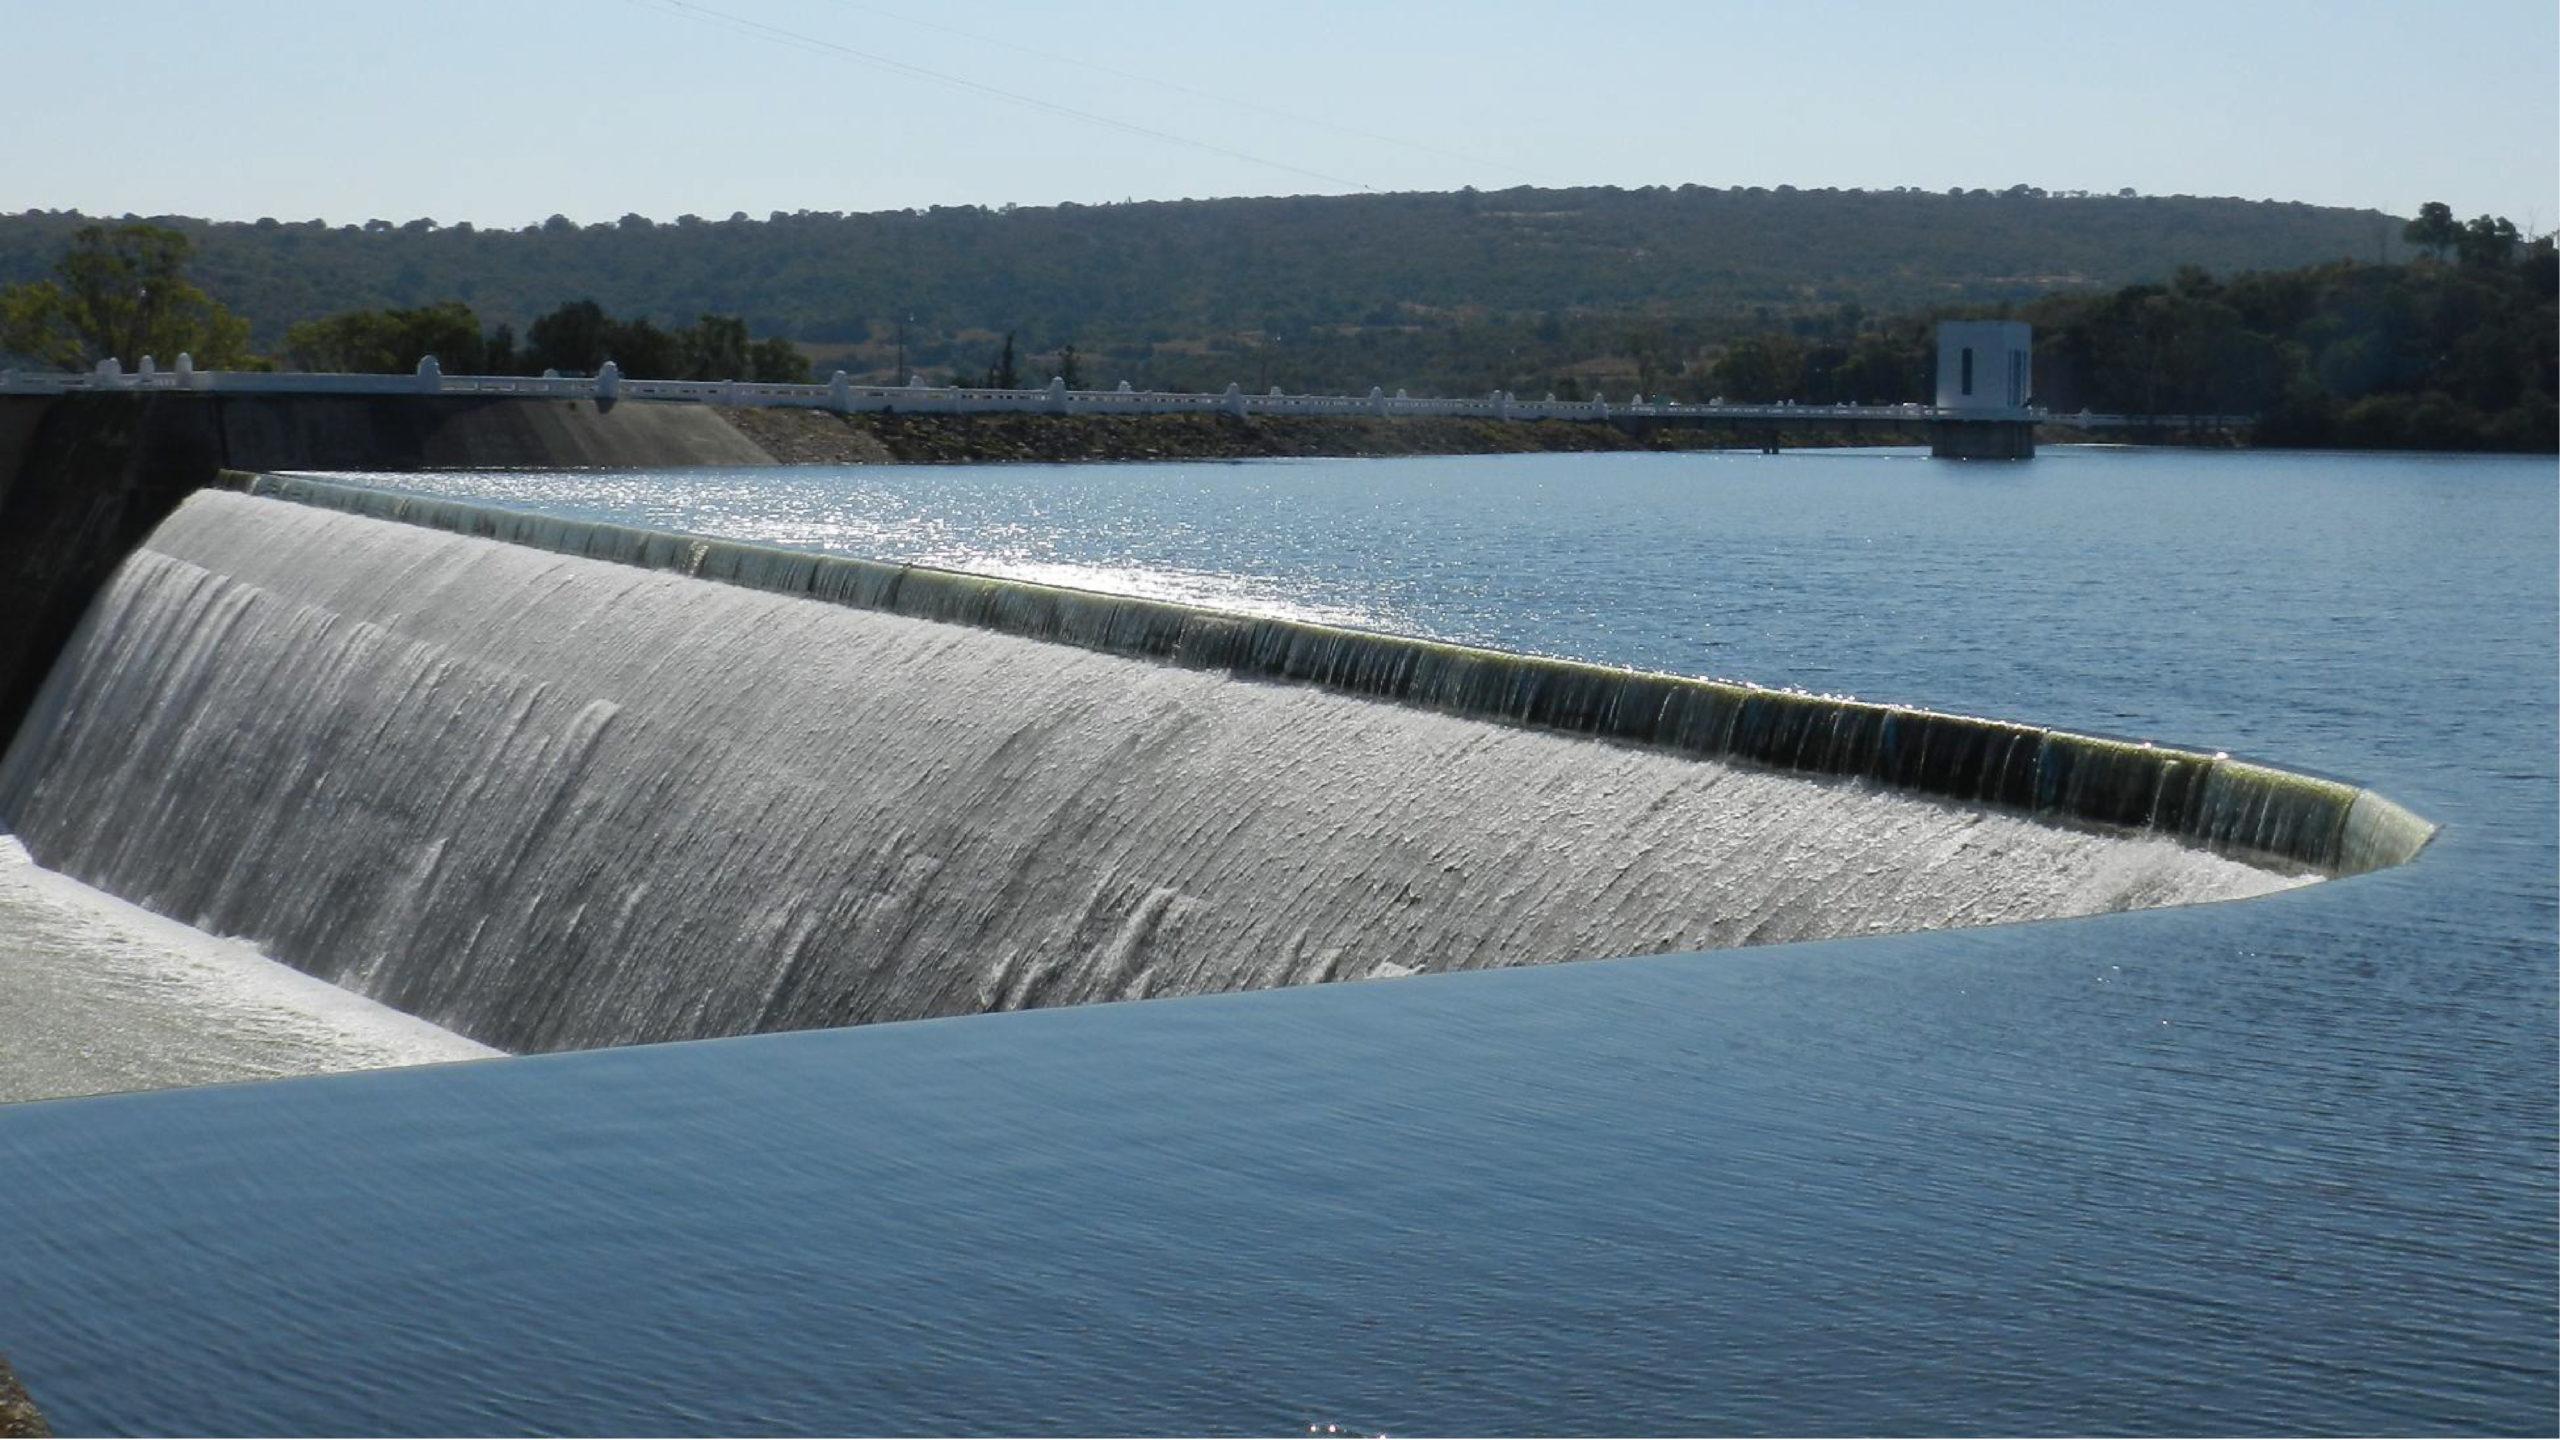 Conagua alerta por aumento de nivel del río Atoyac; presa está al 99%